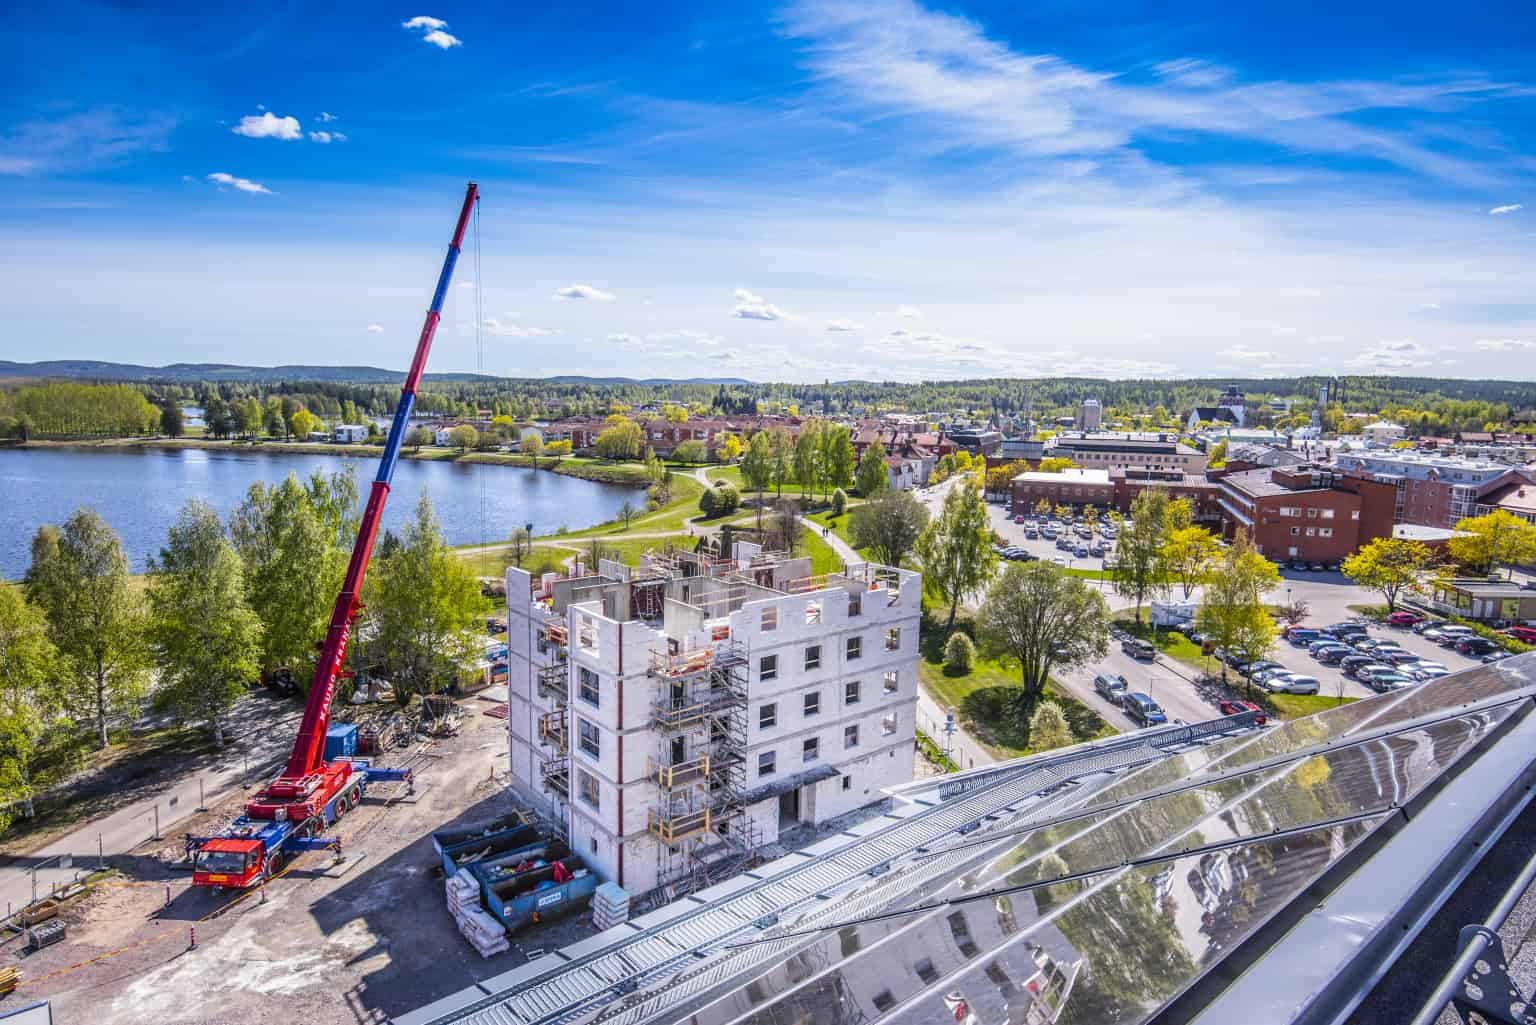 Flerbostadshus under uppbyggnad.. Fotot är taget uppifrån och du ser en byggkran och Bollnäs stad i bakgrunden.